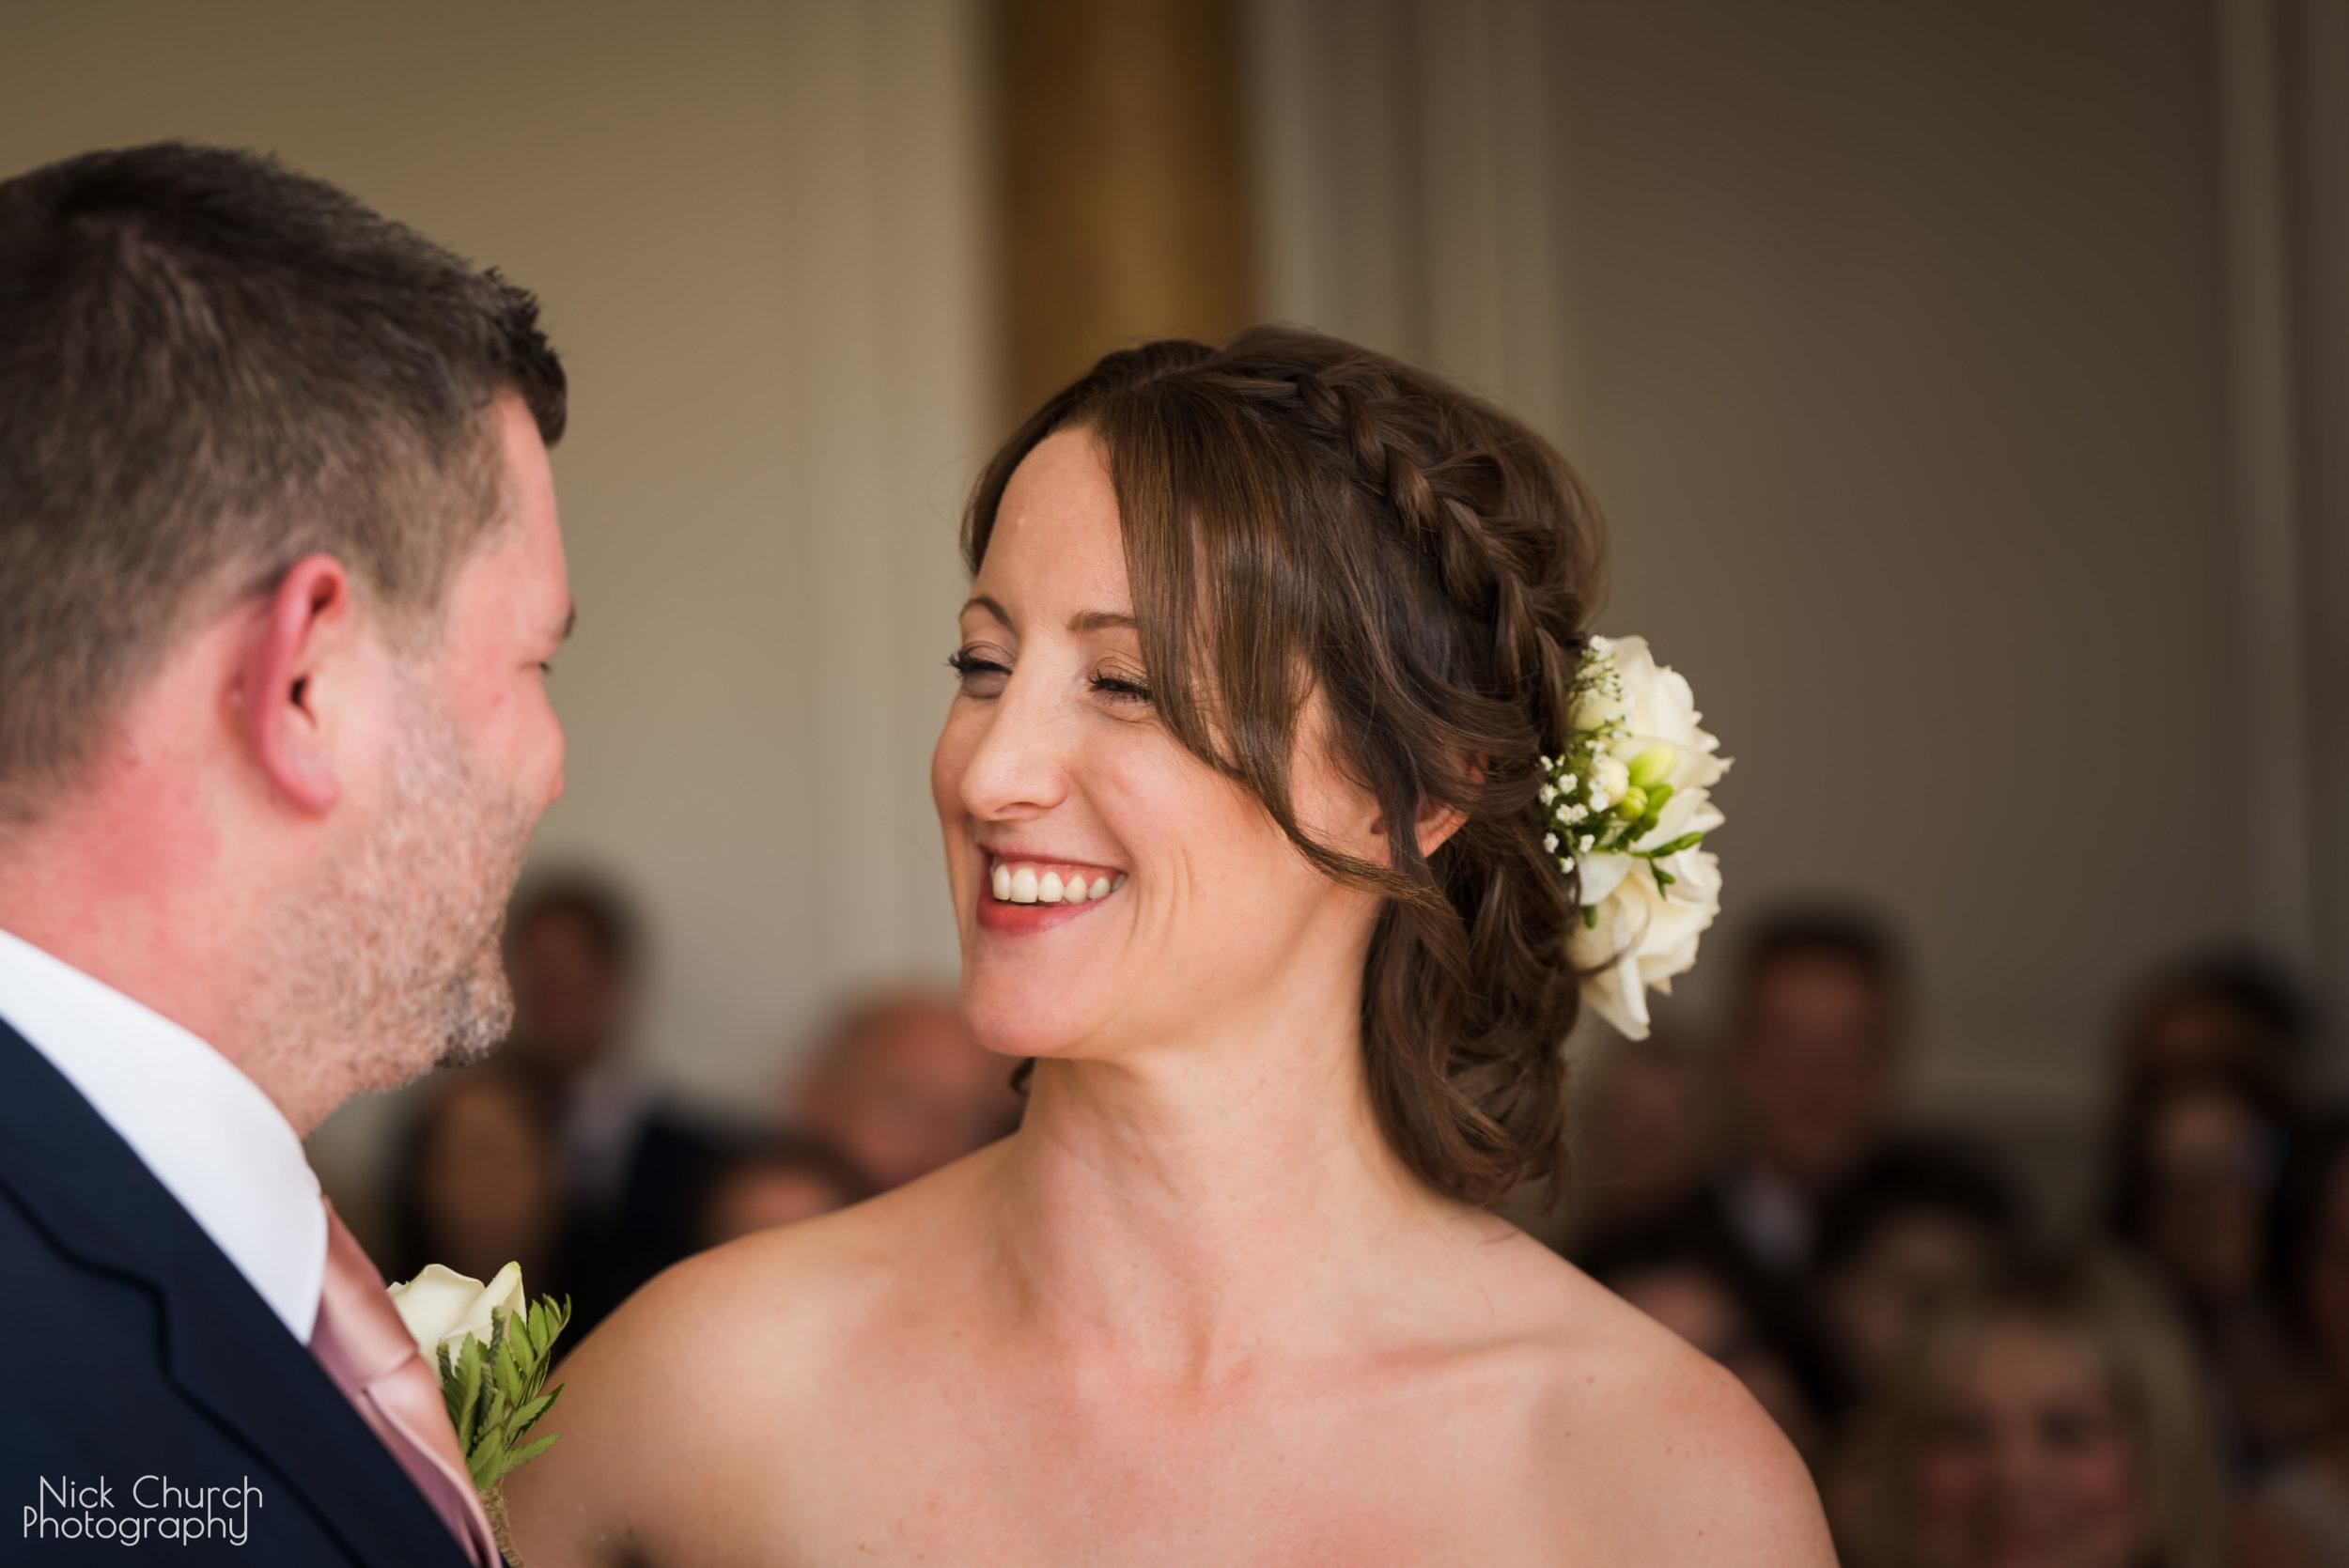 NC-2018-05-07-joanna-and-steve-wedding-1753.jpg